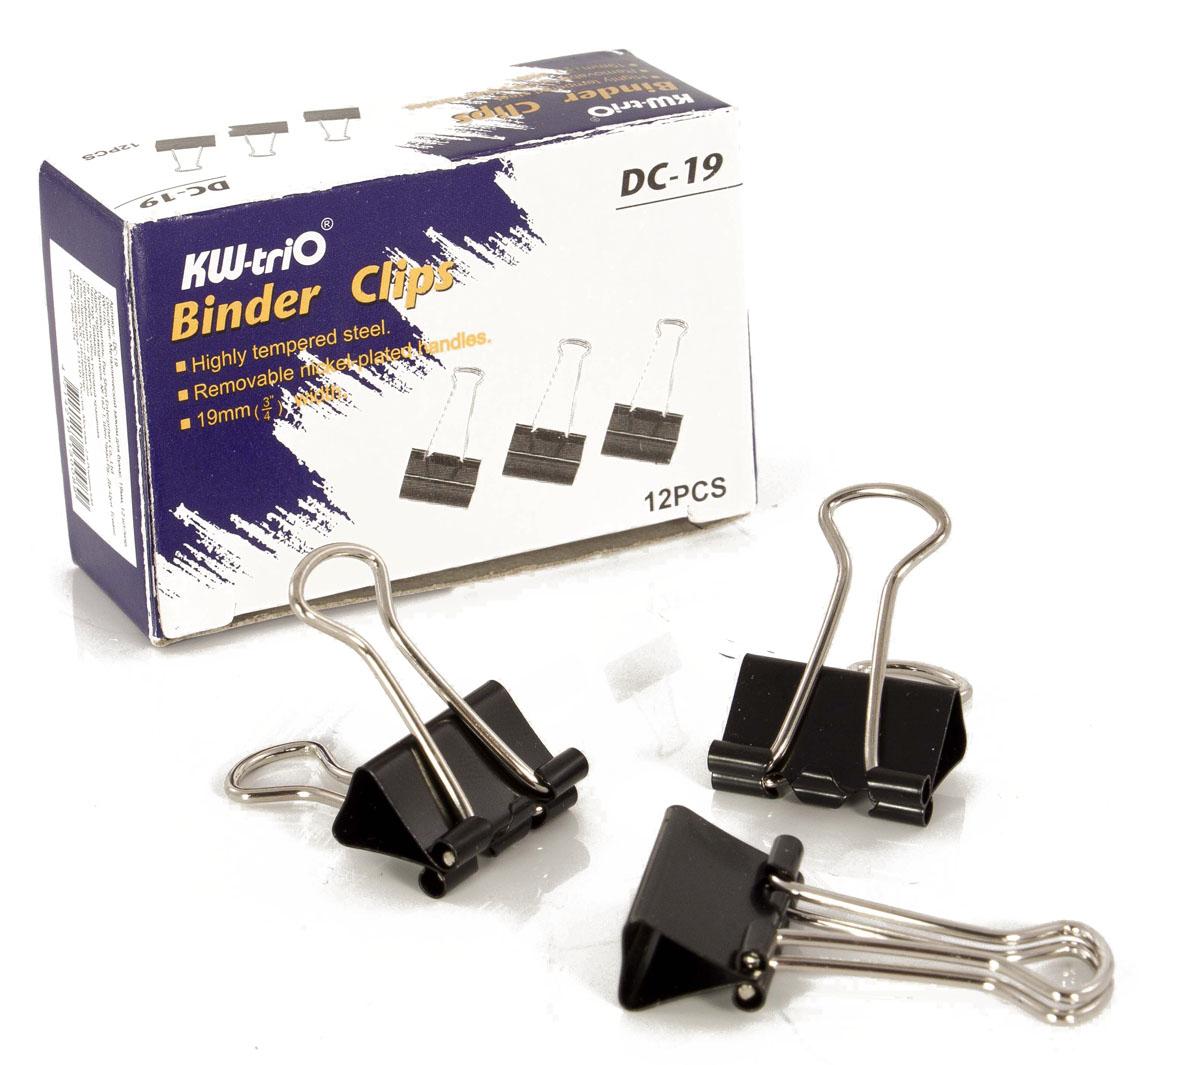 KW-Тrio Зажим для бумаг цвет черный 19 мм 12 шт